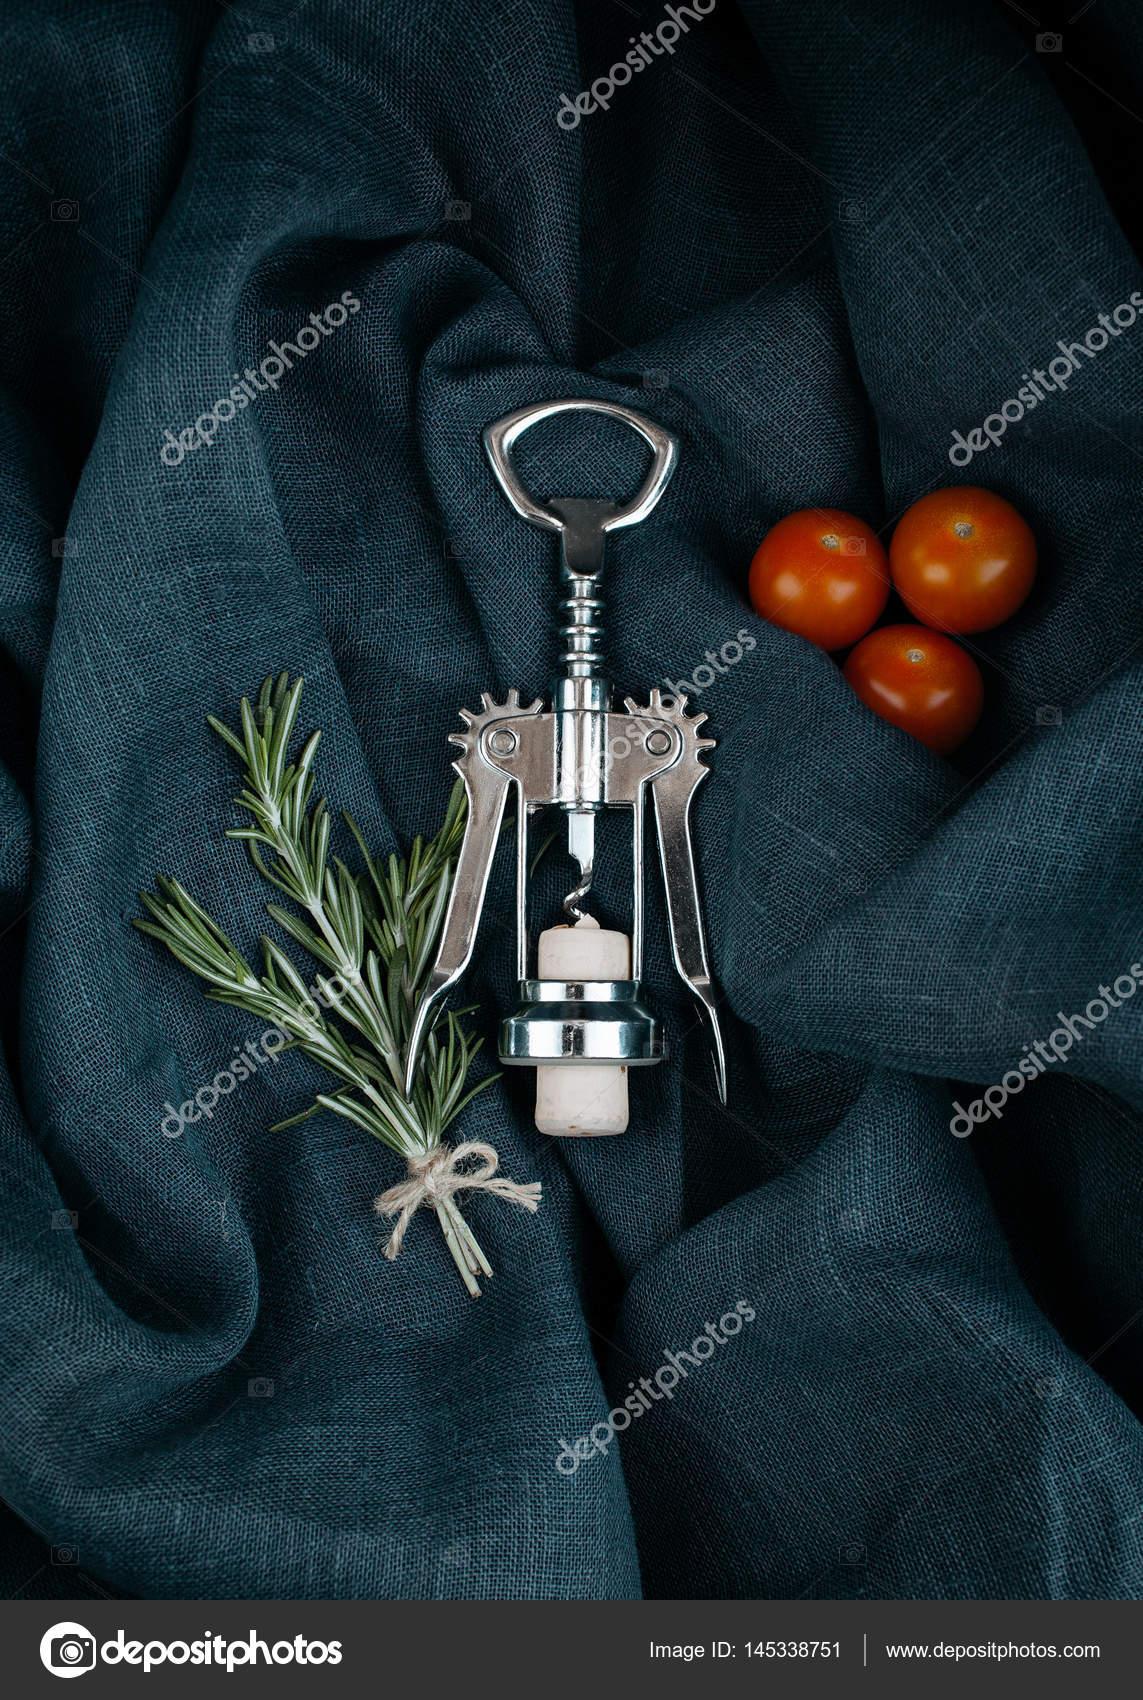 Küchen-Accessoire. Metall Flaschenöffner mit Kork, Rosmarin und ...